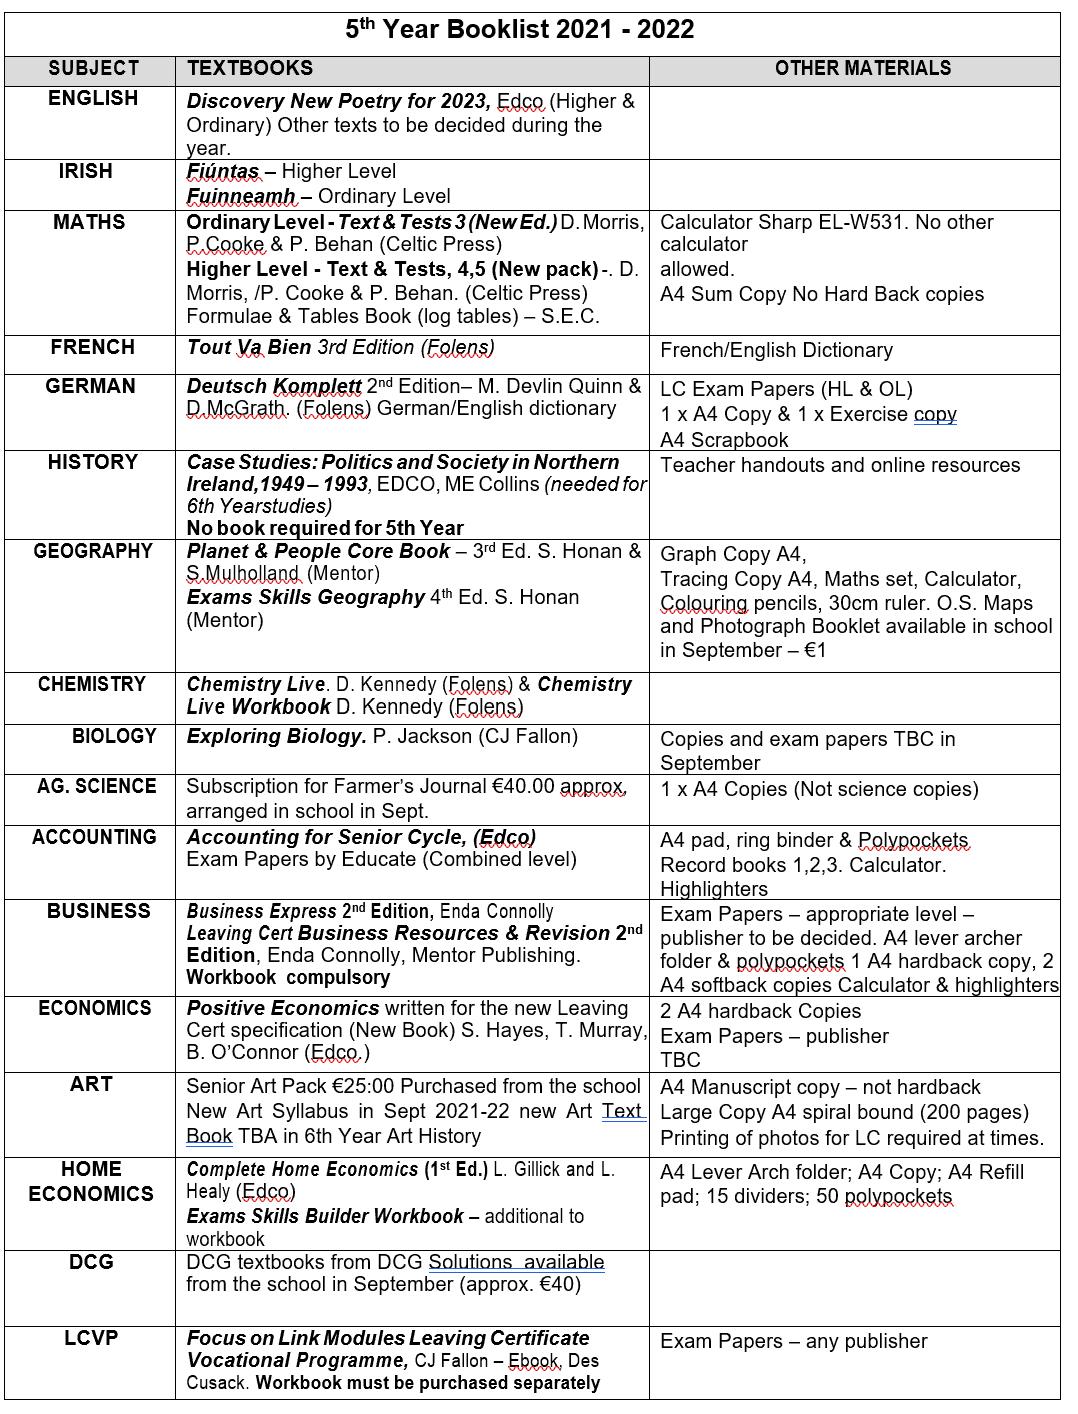 5th Year Booklist 1